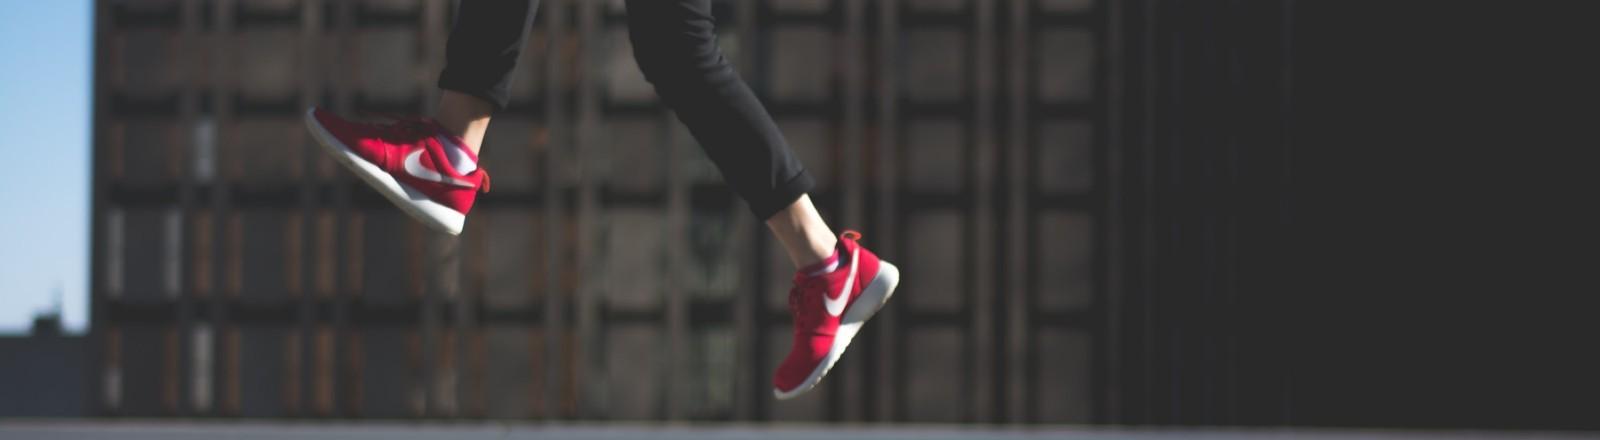 Eine Person springt hoch